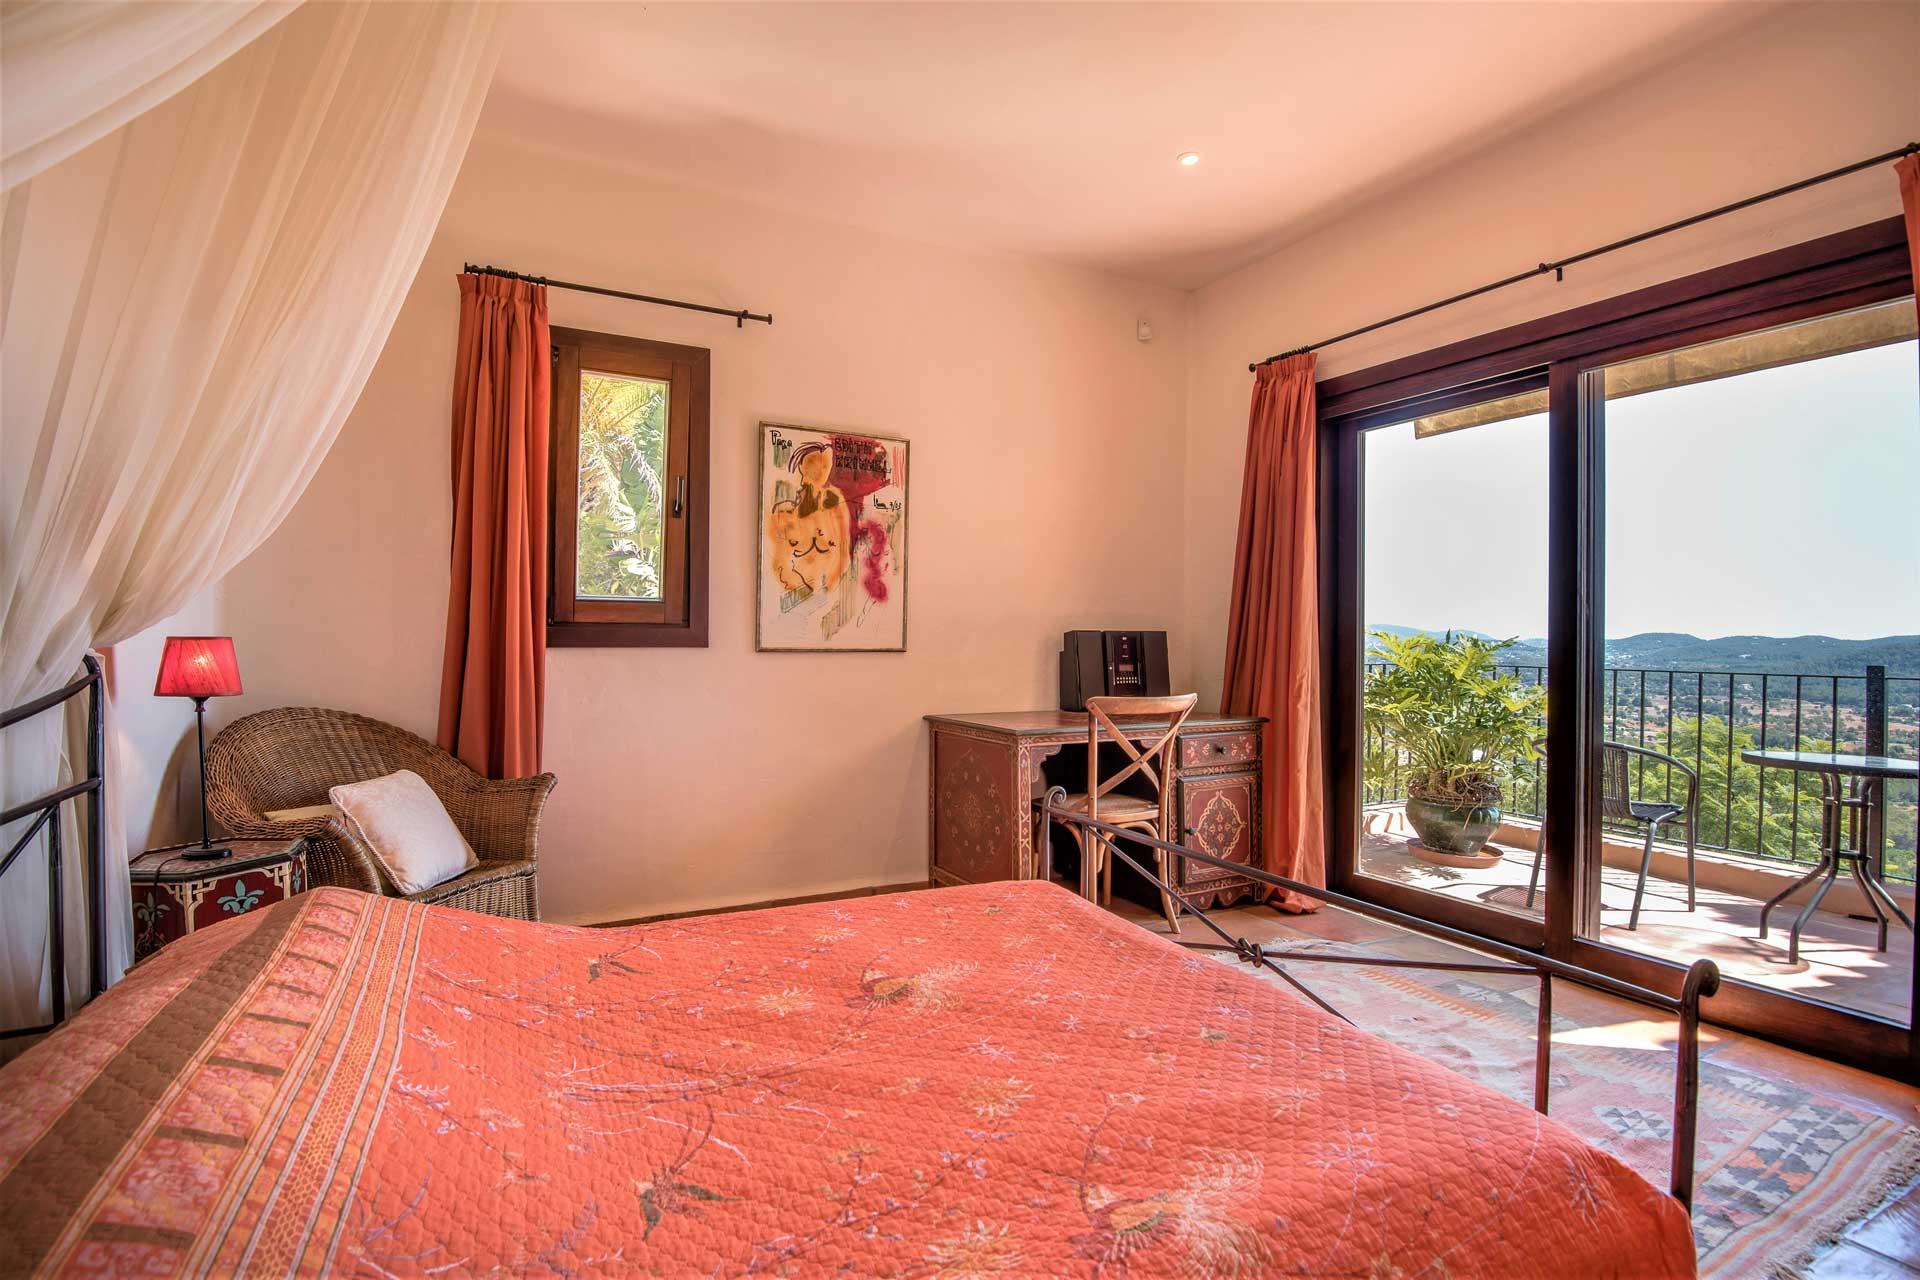 Villa K IBIZA - Schlafzimmer OG li mit Balkon zum Tal